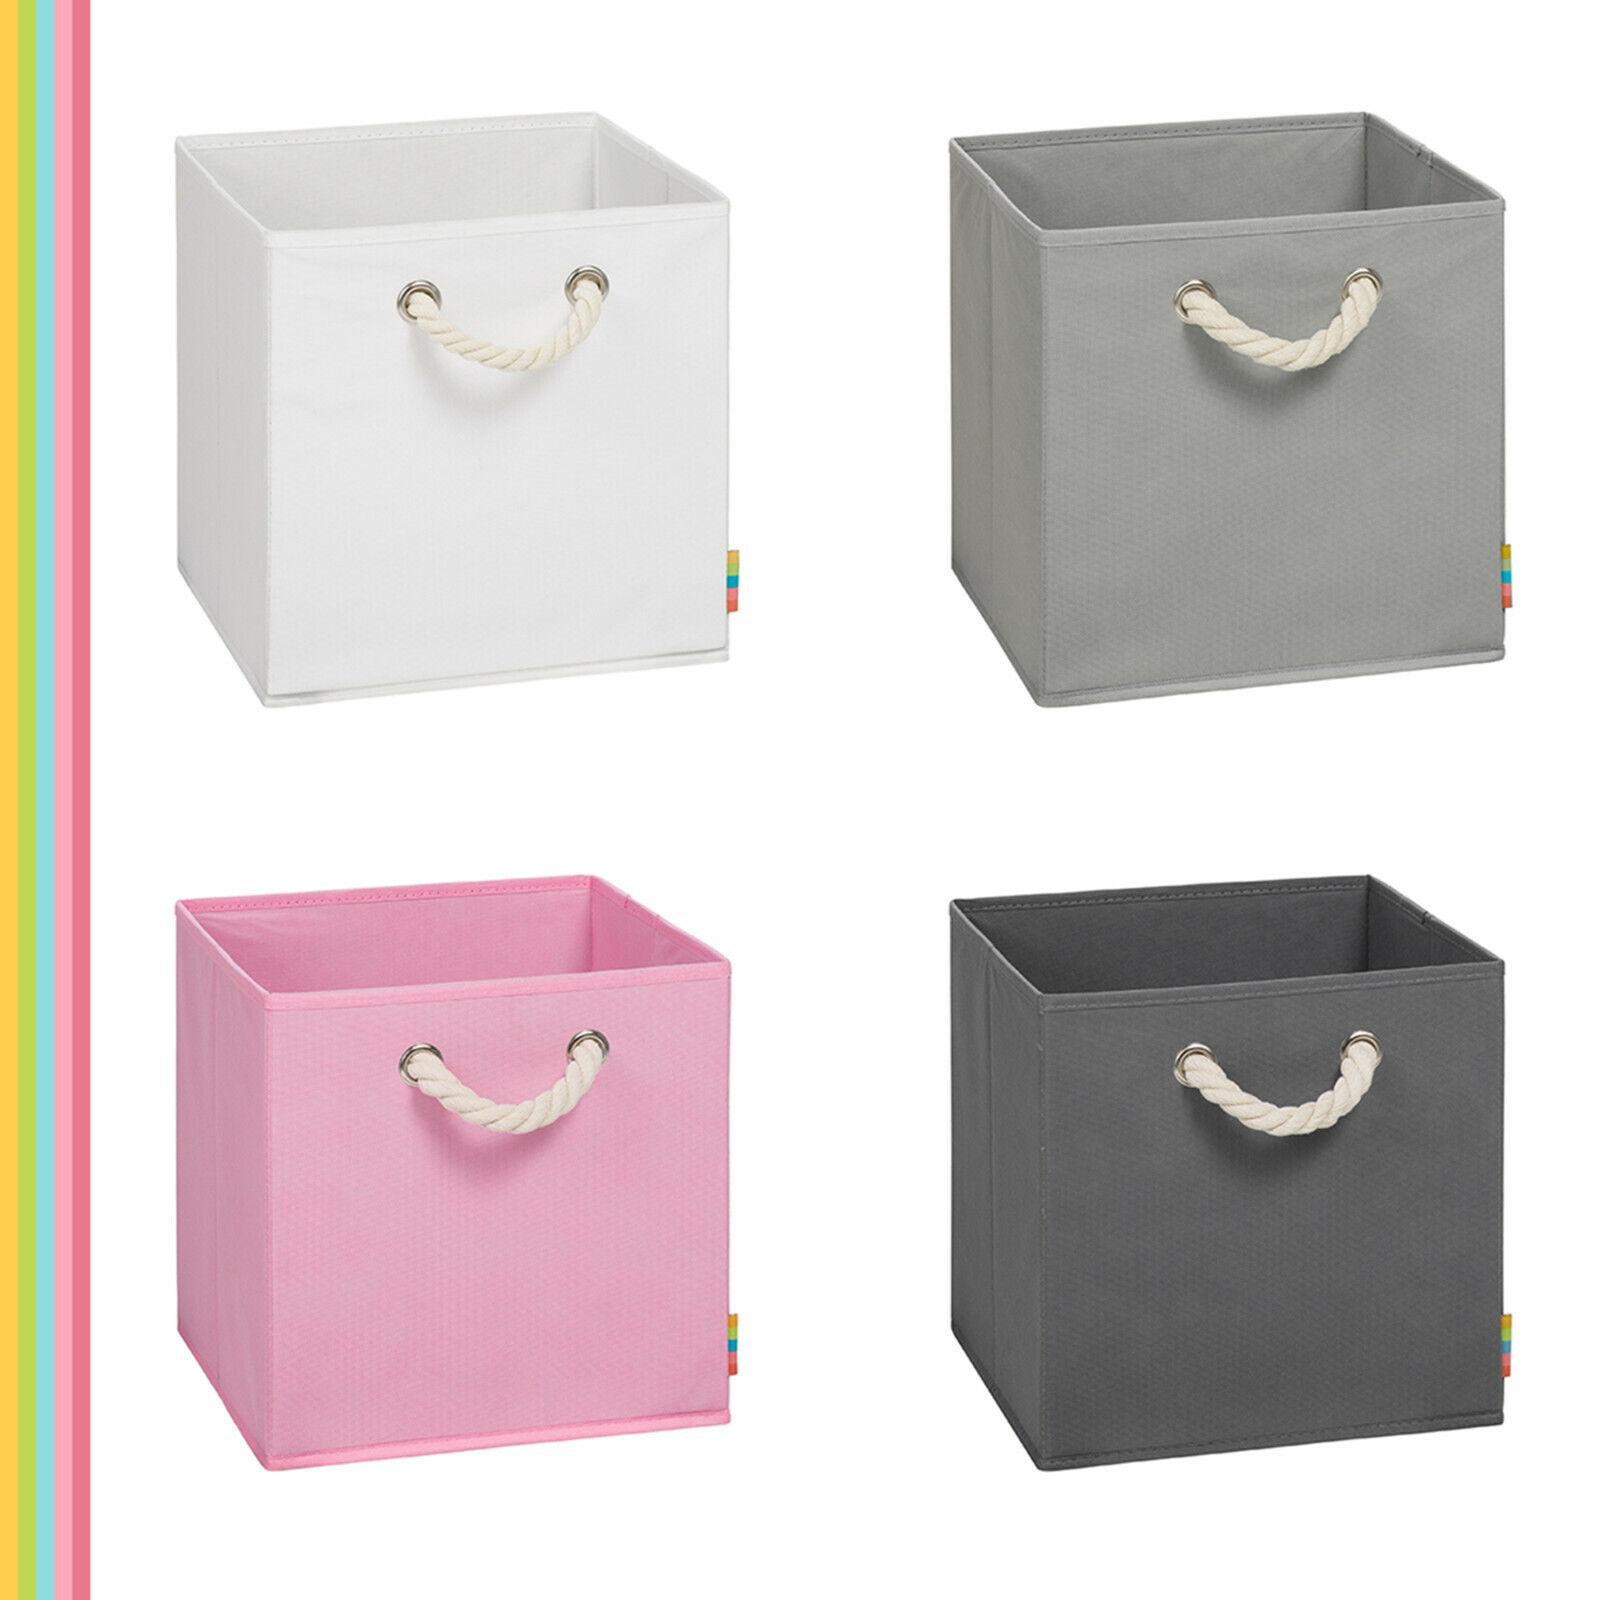 aufbewahrungsbox badezimmer - ding-me